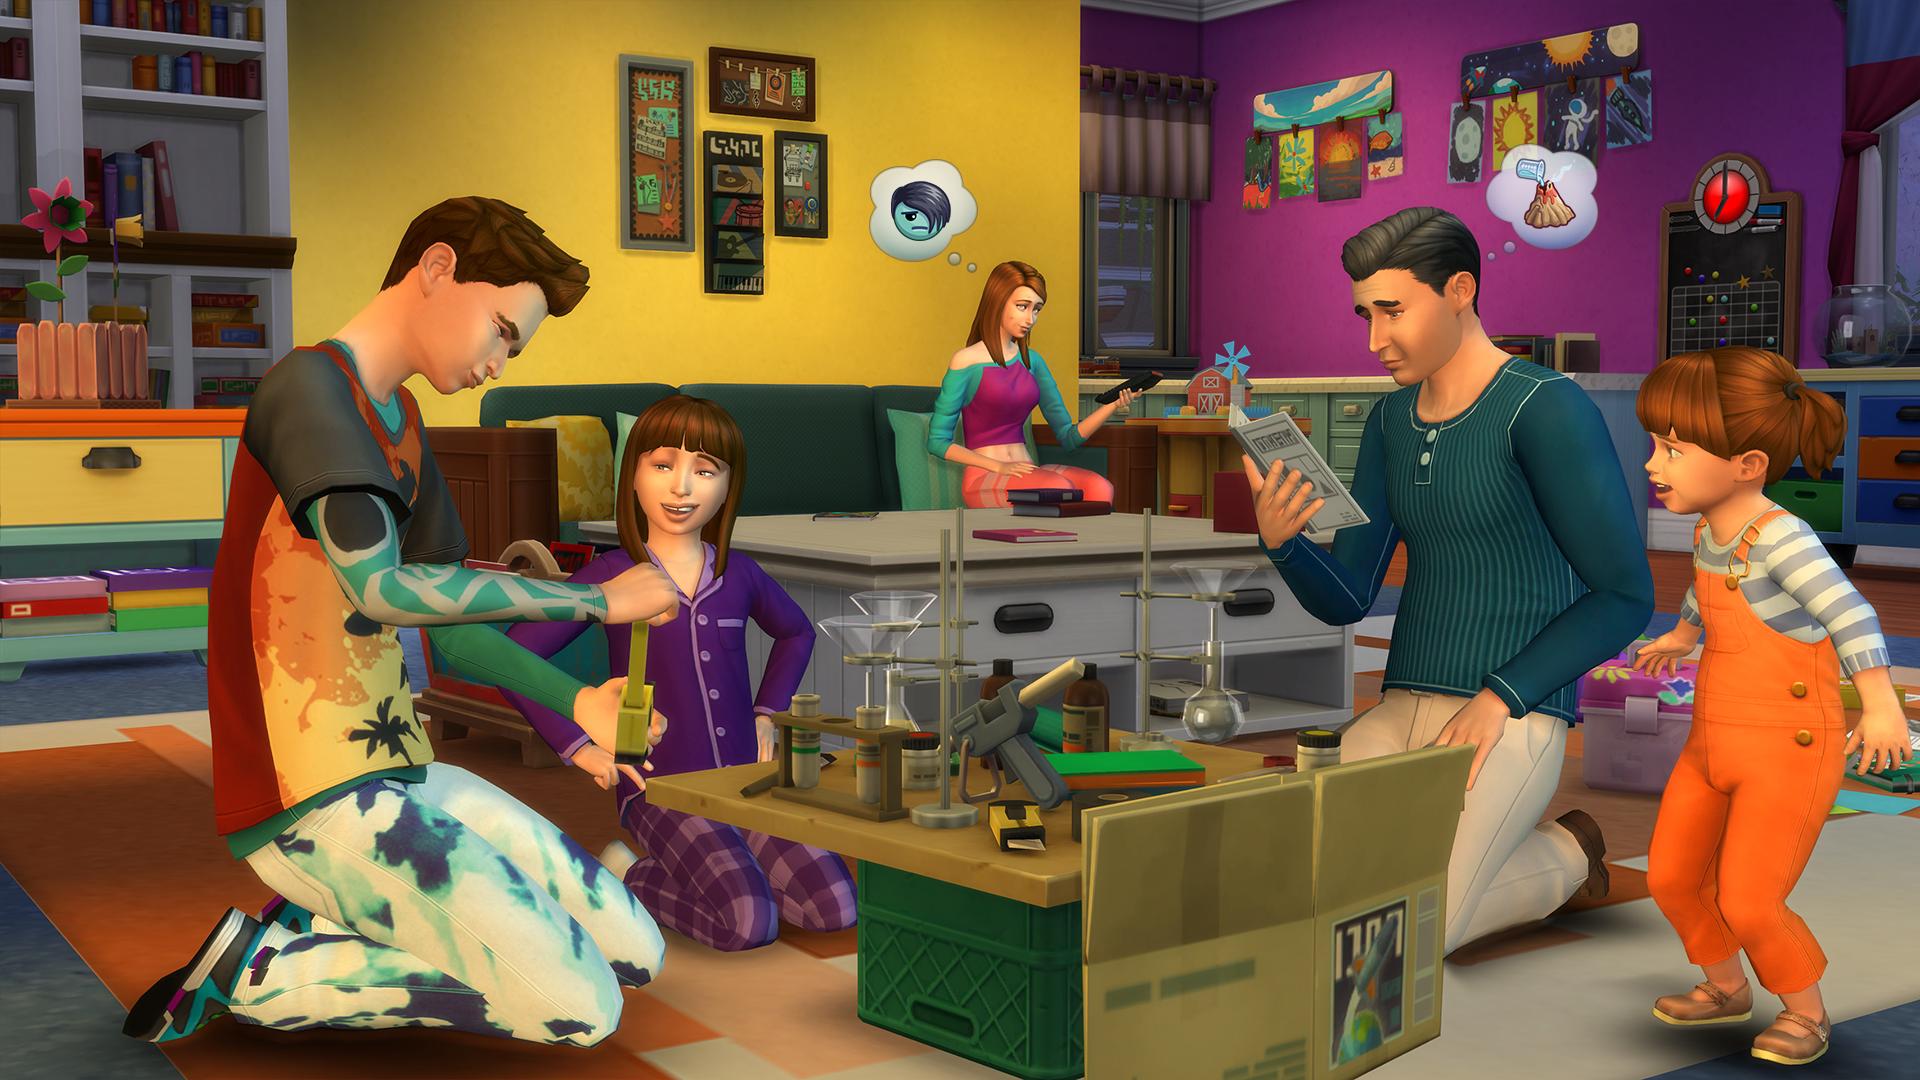 Sims 4 studio как настроить путь к игре — izobretai. Pro.